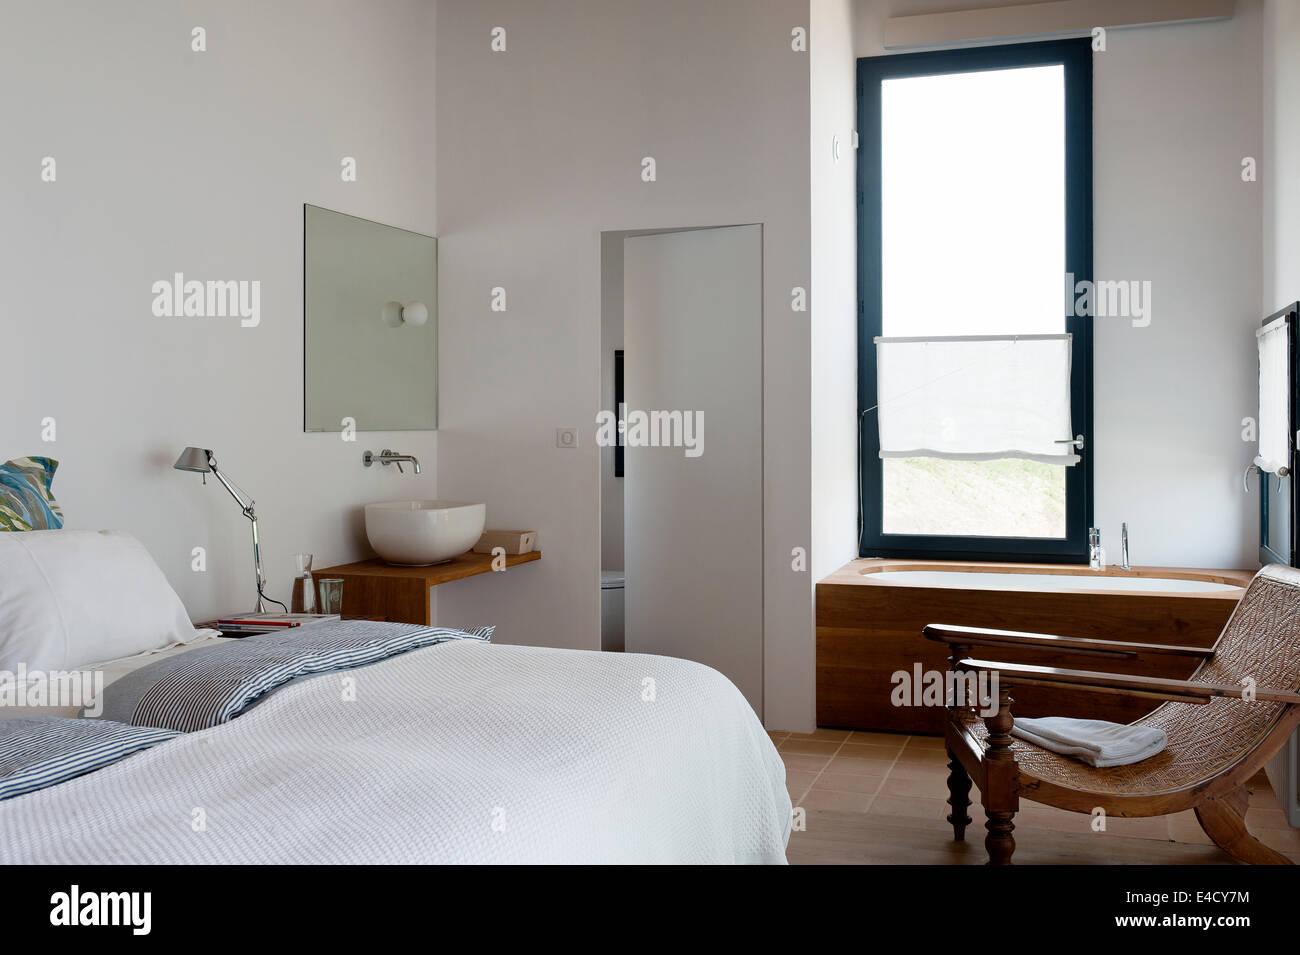 Moderne Schlafzimmer Mit Badewanne Und Ein Waschbecken Stockfoto